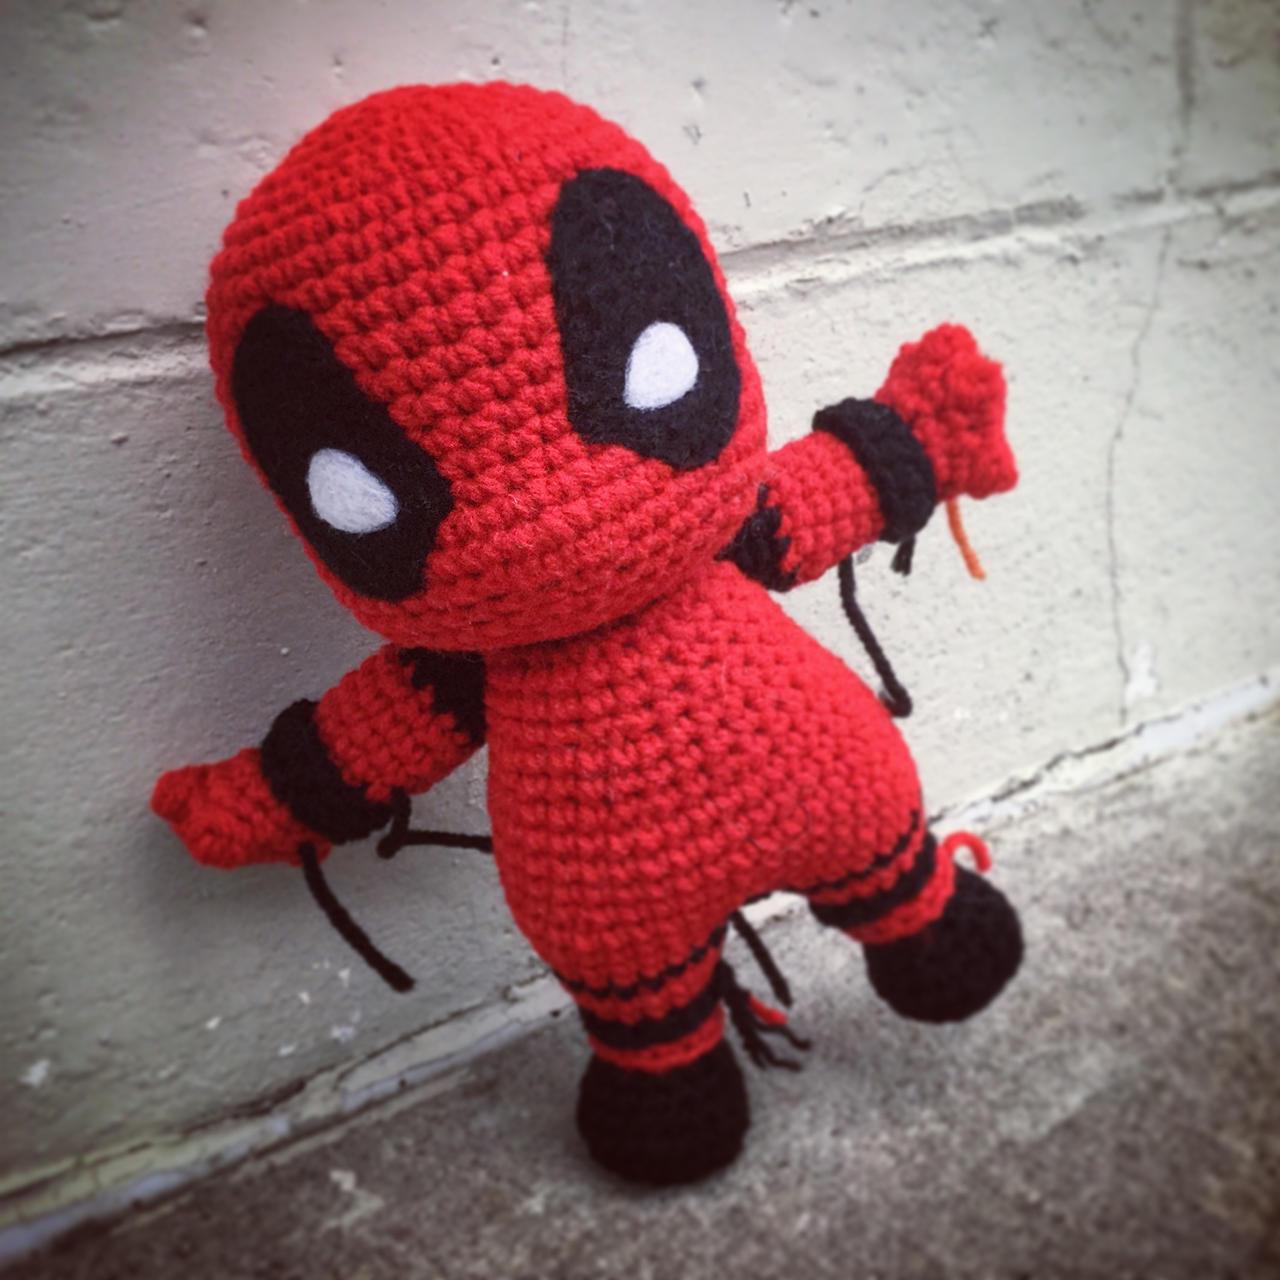 Amigurumi Crochet Dress Pattern : Deadpool WIP by aphid777 on DeviantArt